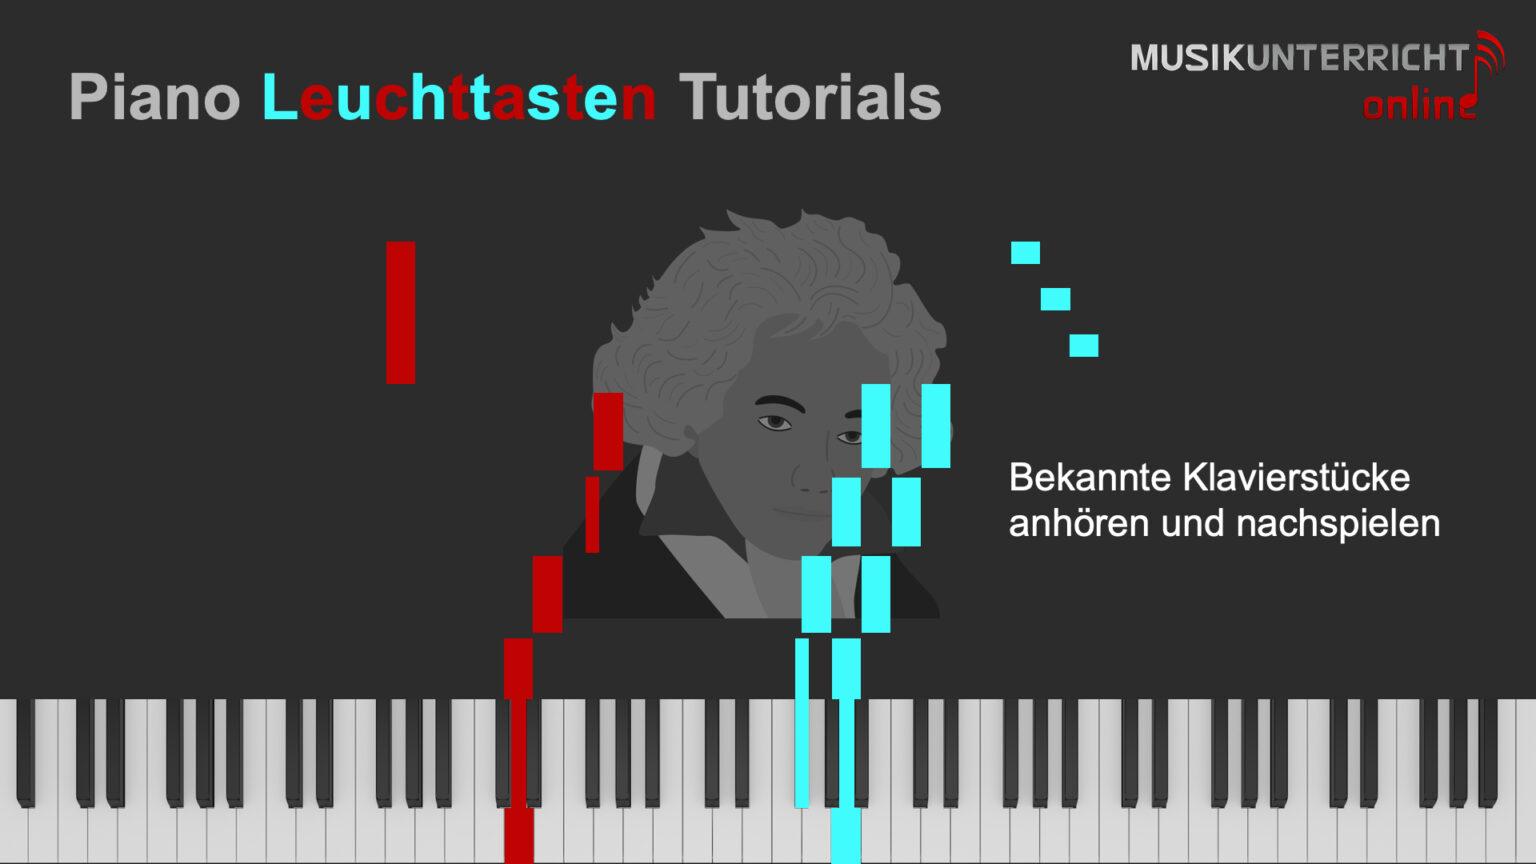 Leuchttastenvideos helfen Dir beim Einüben bekannter Klavierstücke